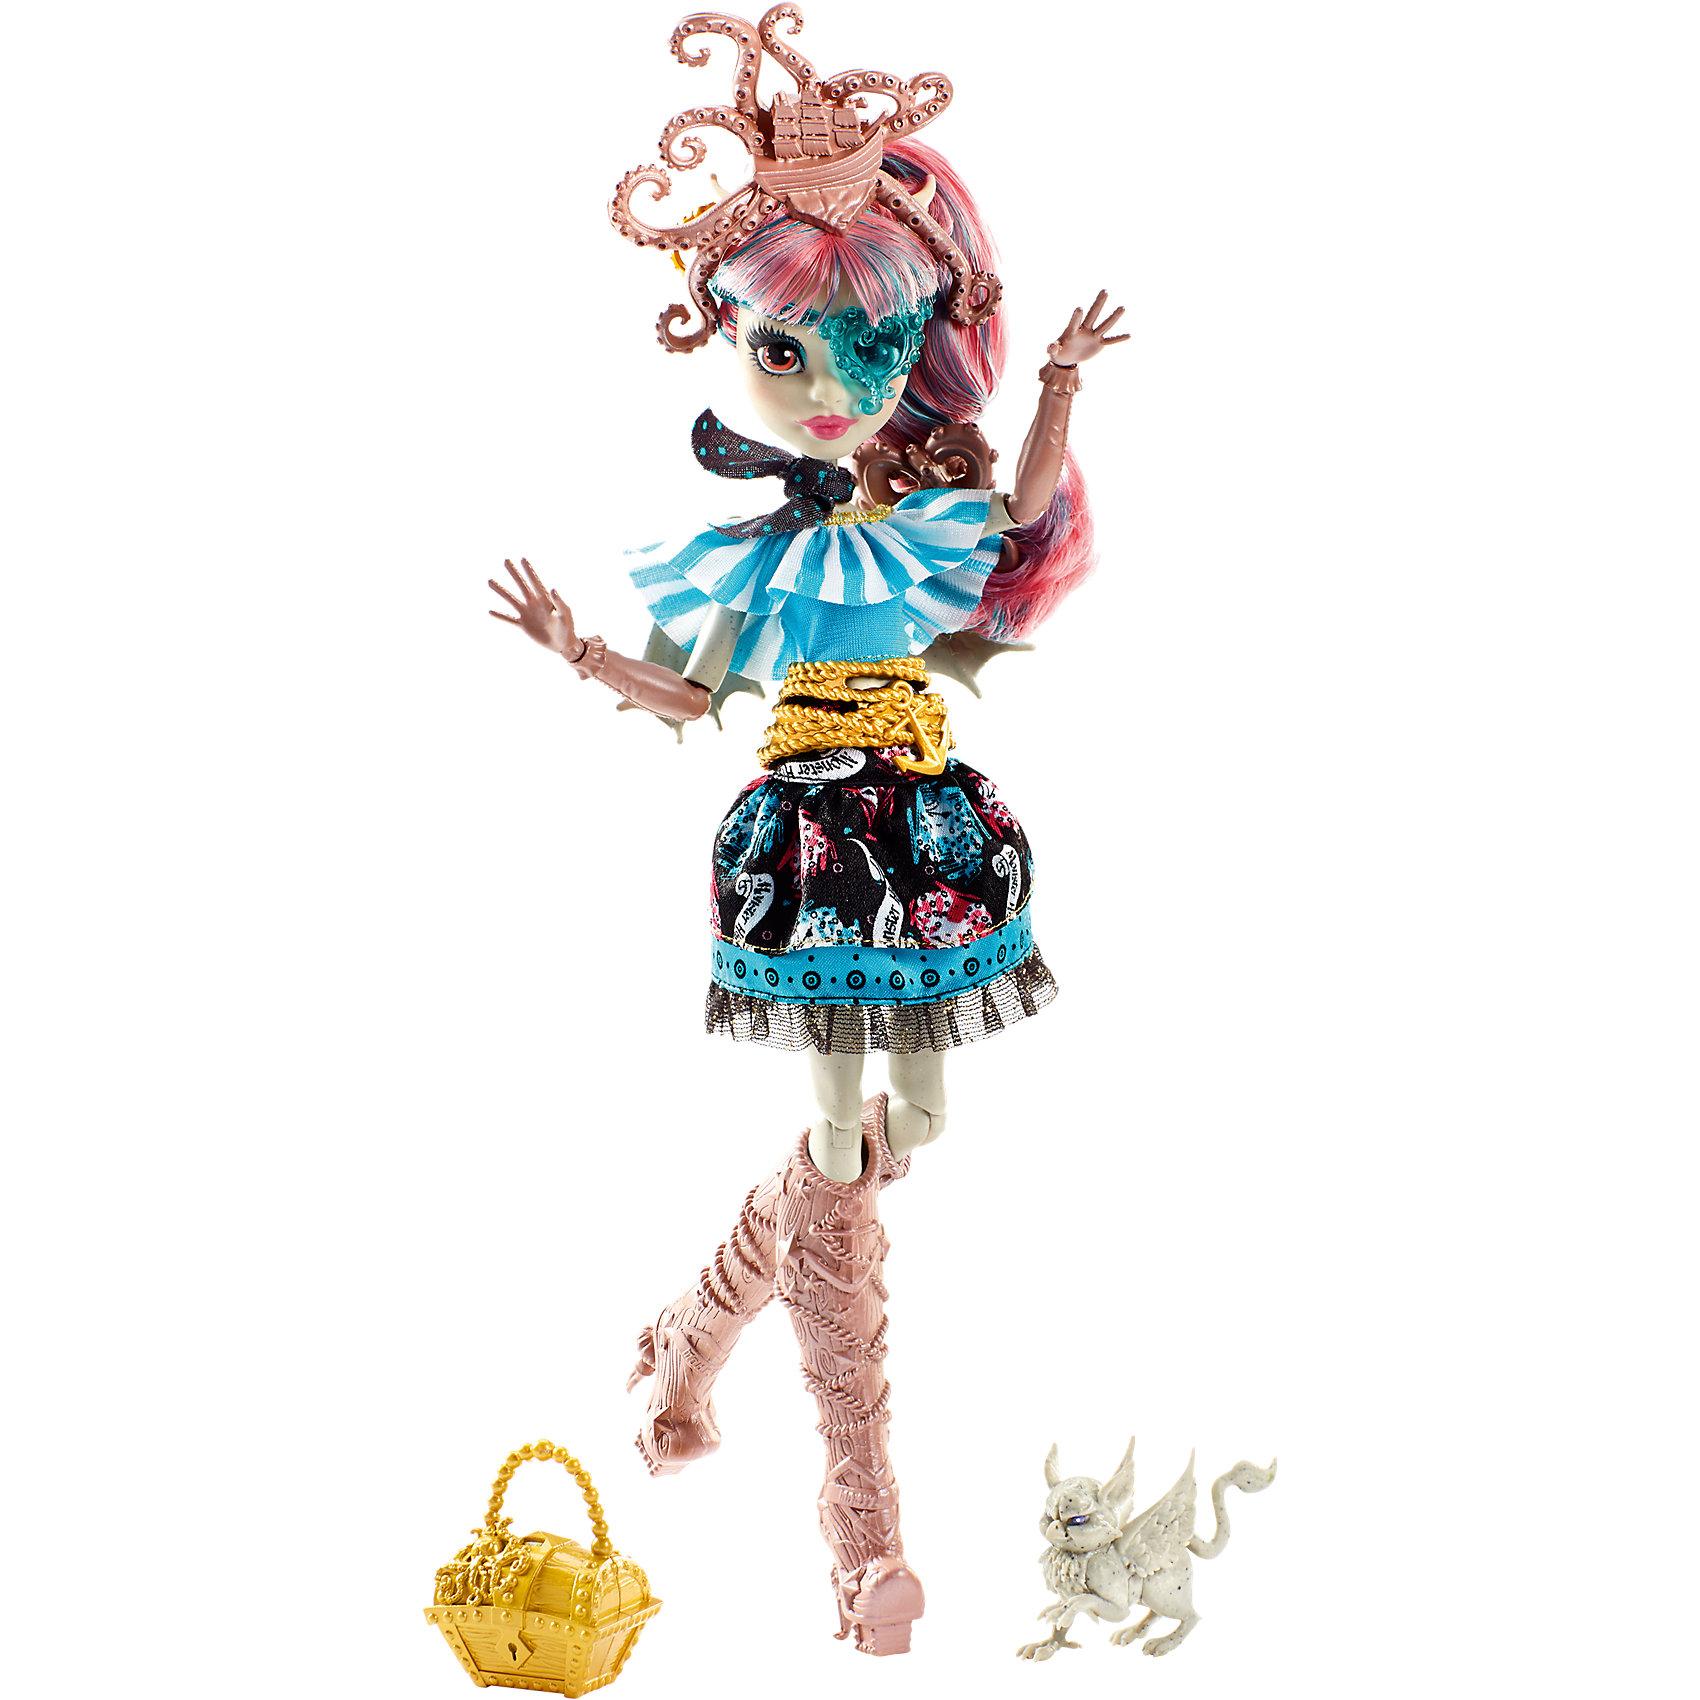 Кукла Рошель Гойл из серии Пиратская авантюра, Monster HighMonster High<br>Рошель Гойл, дочери горгульи на этот раз предстоит найти выход с необитаемого острова после кораблекрушения. И, конечно же, не обойдется без поиска сокровищ! Кукла одета в стильное платье с рюшами и поясом в виде якоря. Сапожки и сумочка в форме сундучка украшены драгоценными камнями. Модная шляпка-осьминог, питомец и маска в виде сердечка подчеркивают оригинальность образа настоящей пиратки. <br><br>Дополнительная информация:<br>Материал: пластик<br>Требуется подставка<br>Куклу Рошель Гойл(Monster High) можно купить в нашем интернет-магазине.<br><br>Ширина мм: 203<br>Глубина мм: 64<br>Высота мм: 324<br>Вес г: 500<br>Возраст от месяцев: 72<br>Возраст до месяцев: 144<br>Пол: Женский<br>Возраст: Детский<br>SKU: 4765360